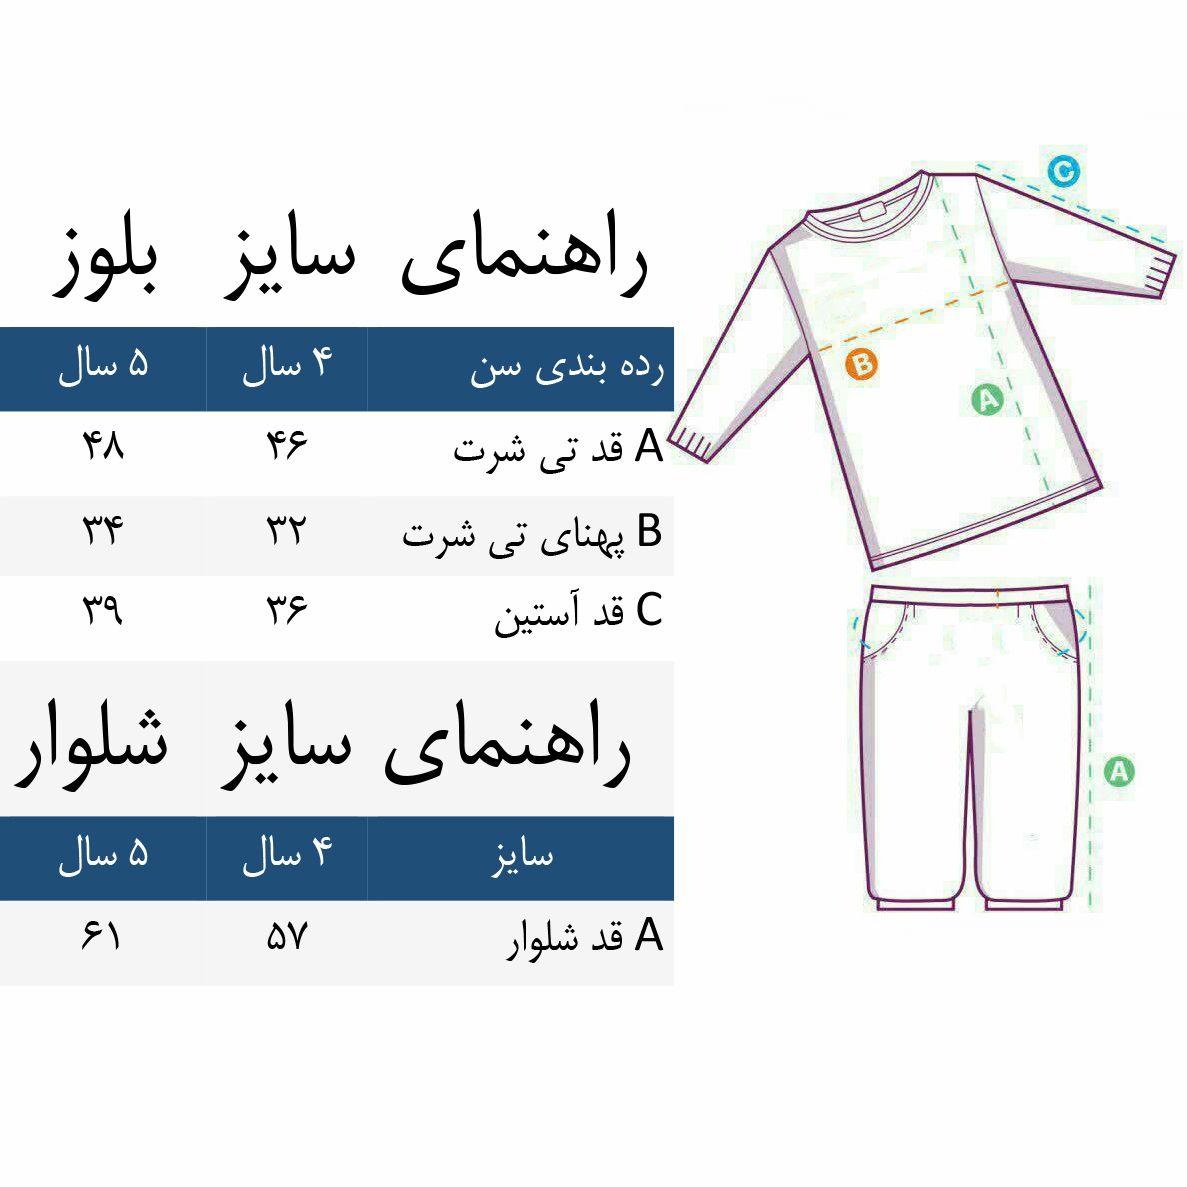 ست تی شرت و شلوار دخترانه طرح پروانه کد 3072 رنگ سفید -  - 6